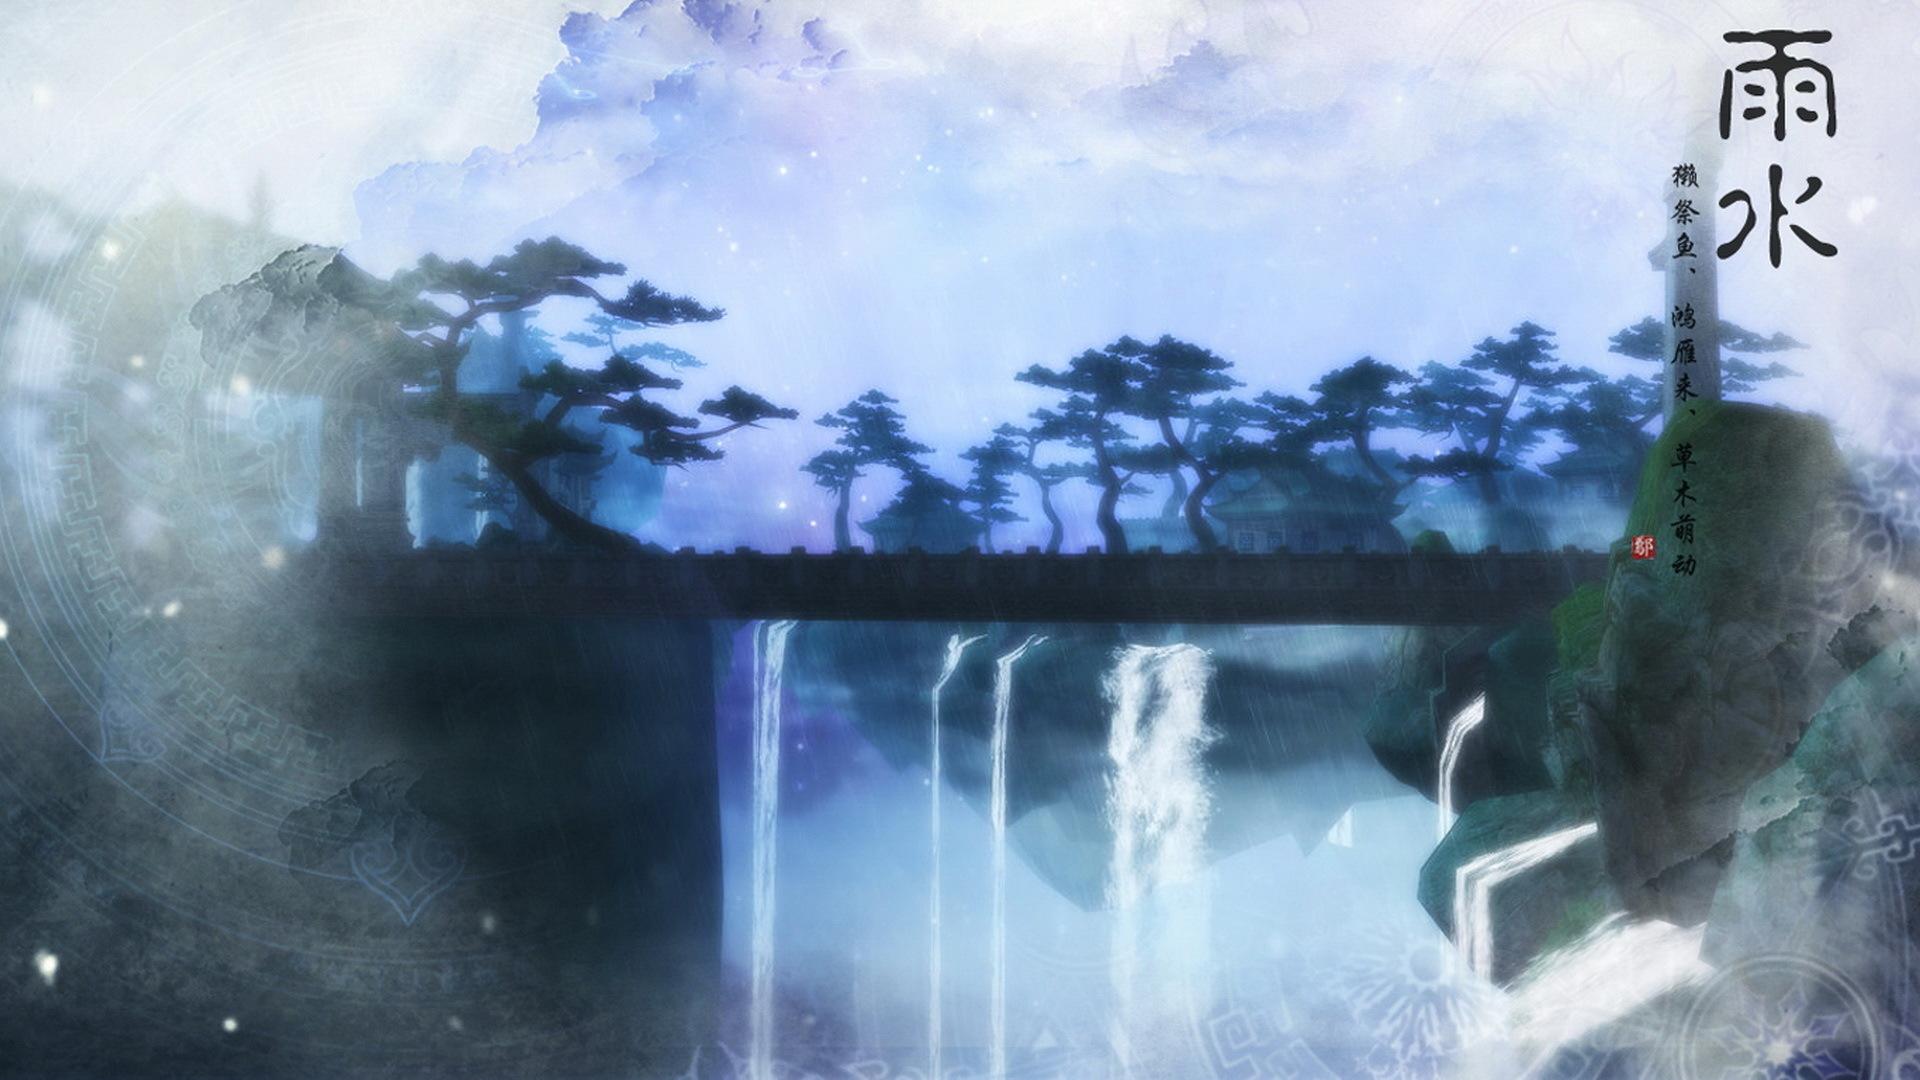 《仙剑奇侠传5》v1.01至v1.02官方升级档